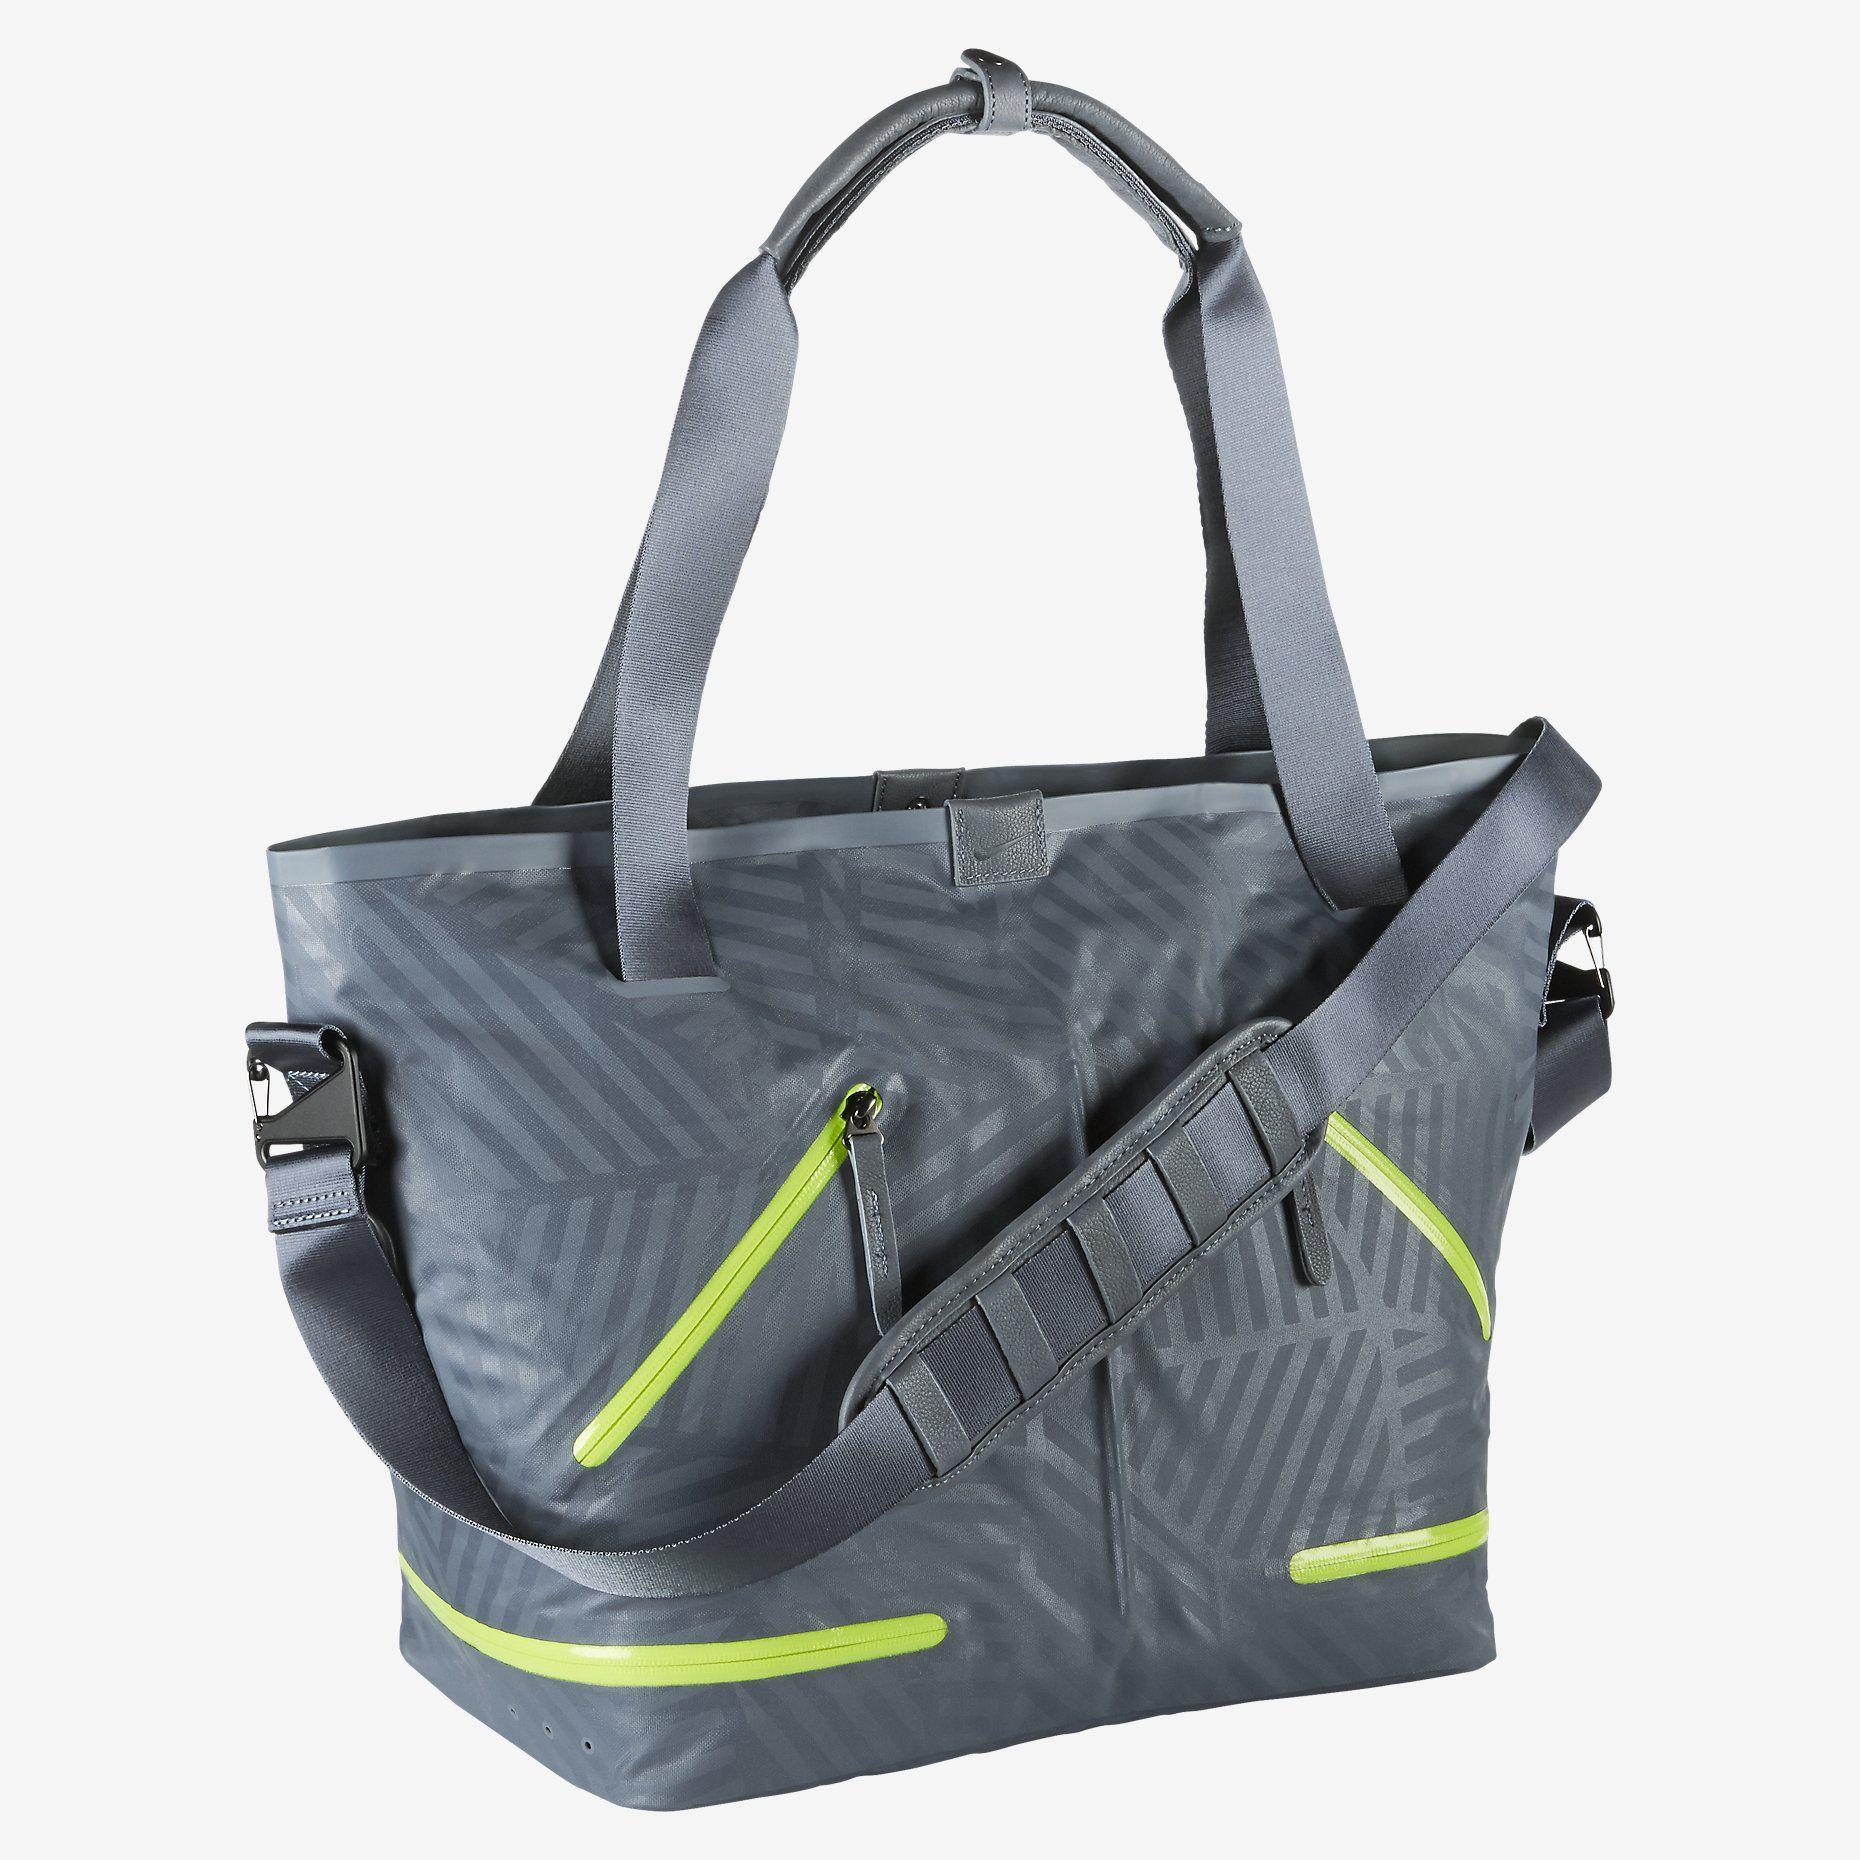 f7db107567441 Nike FormFlux Tote Bag. Nike Store   175 Gym Bag Boys